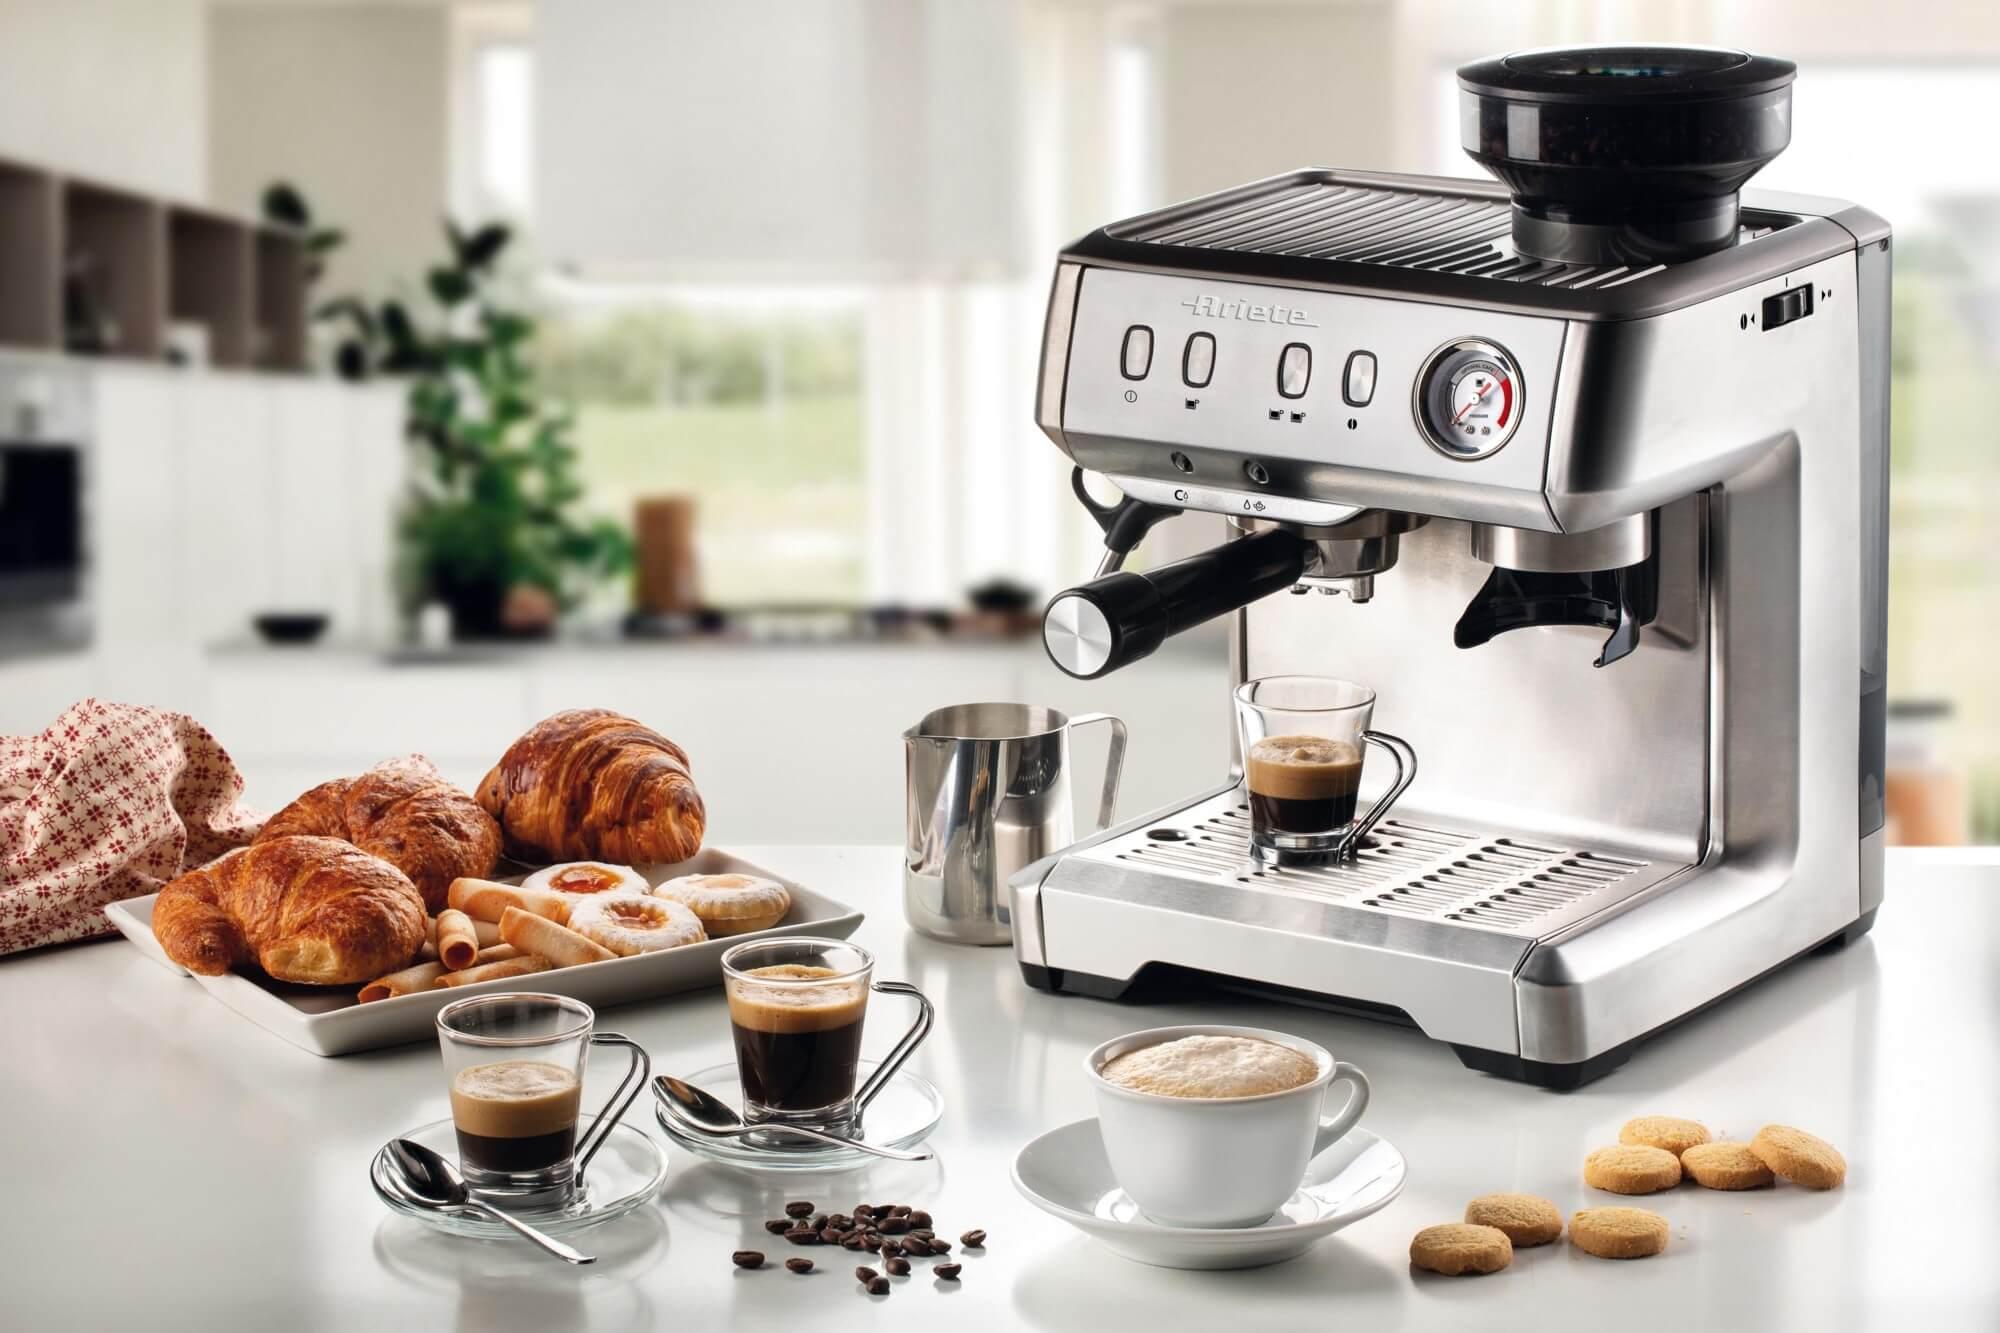 Рейтинг лучших рожковых кофеварок на 2021 год